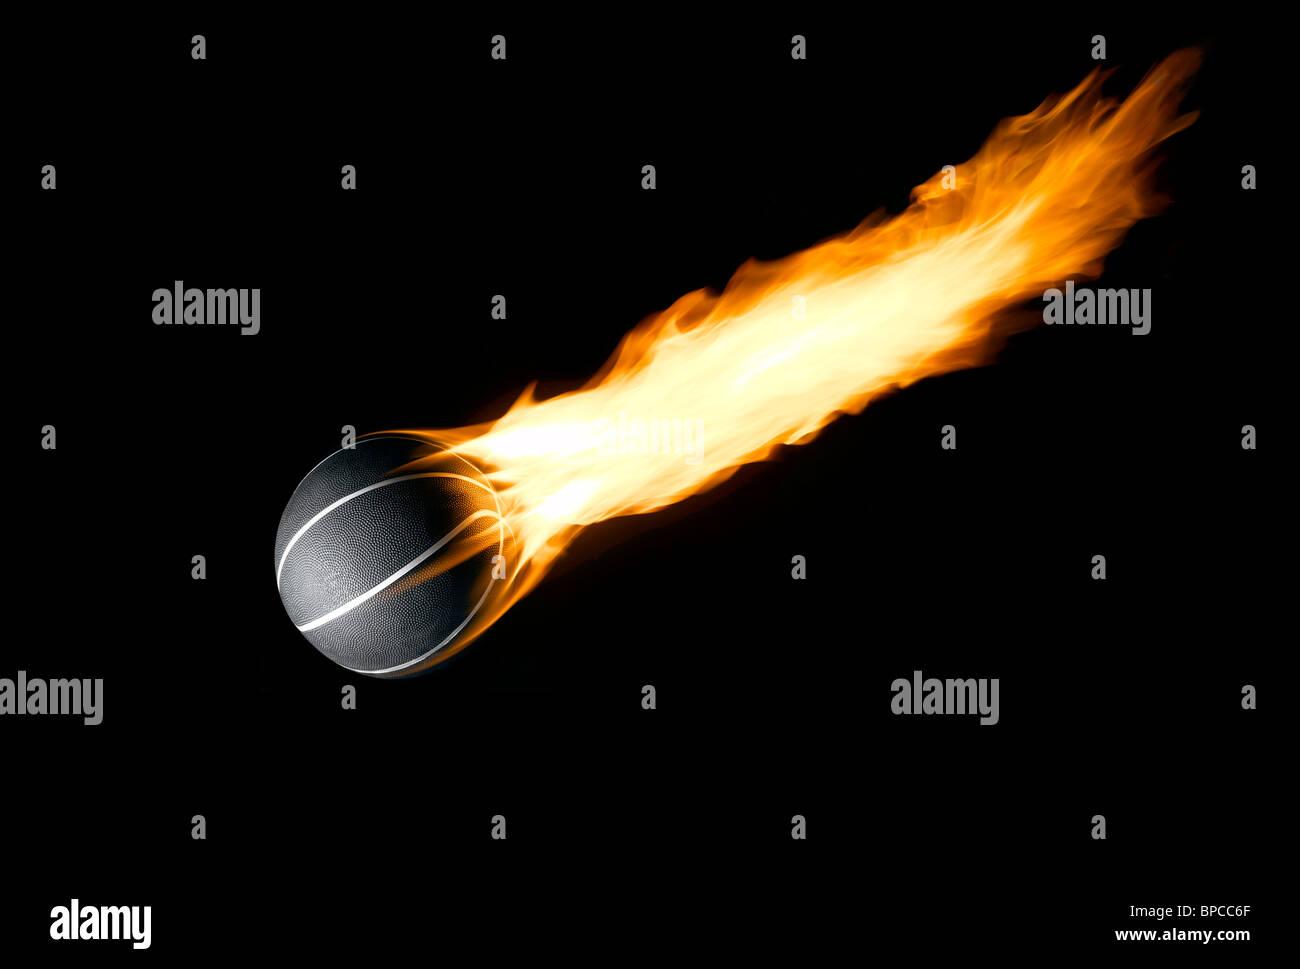 Una pelota de baloncesto con una cola como la de un cometa ardiente Imagen De Stock